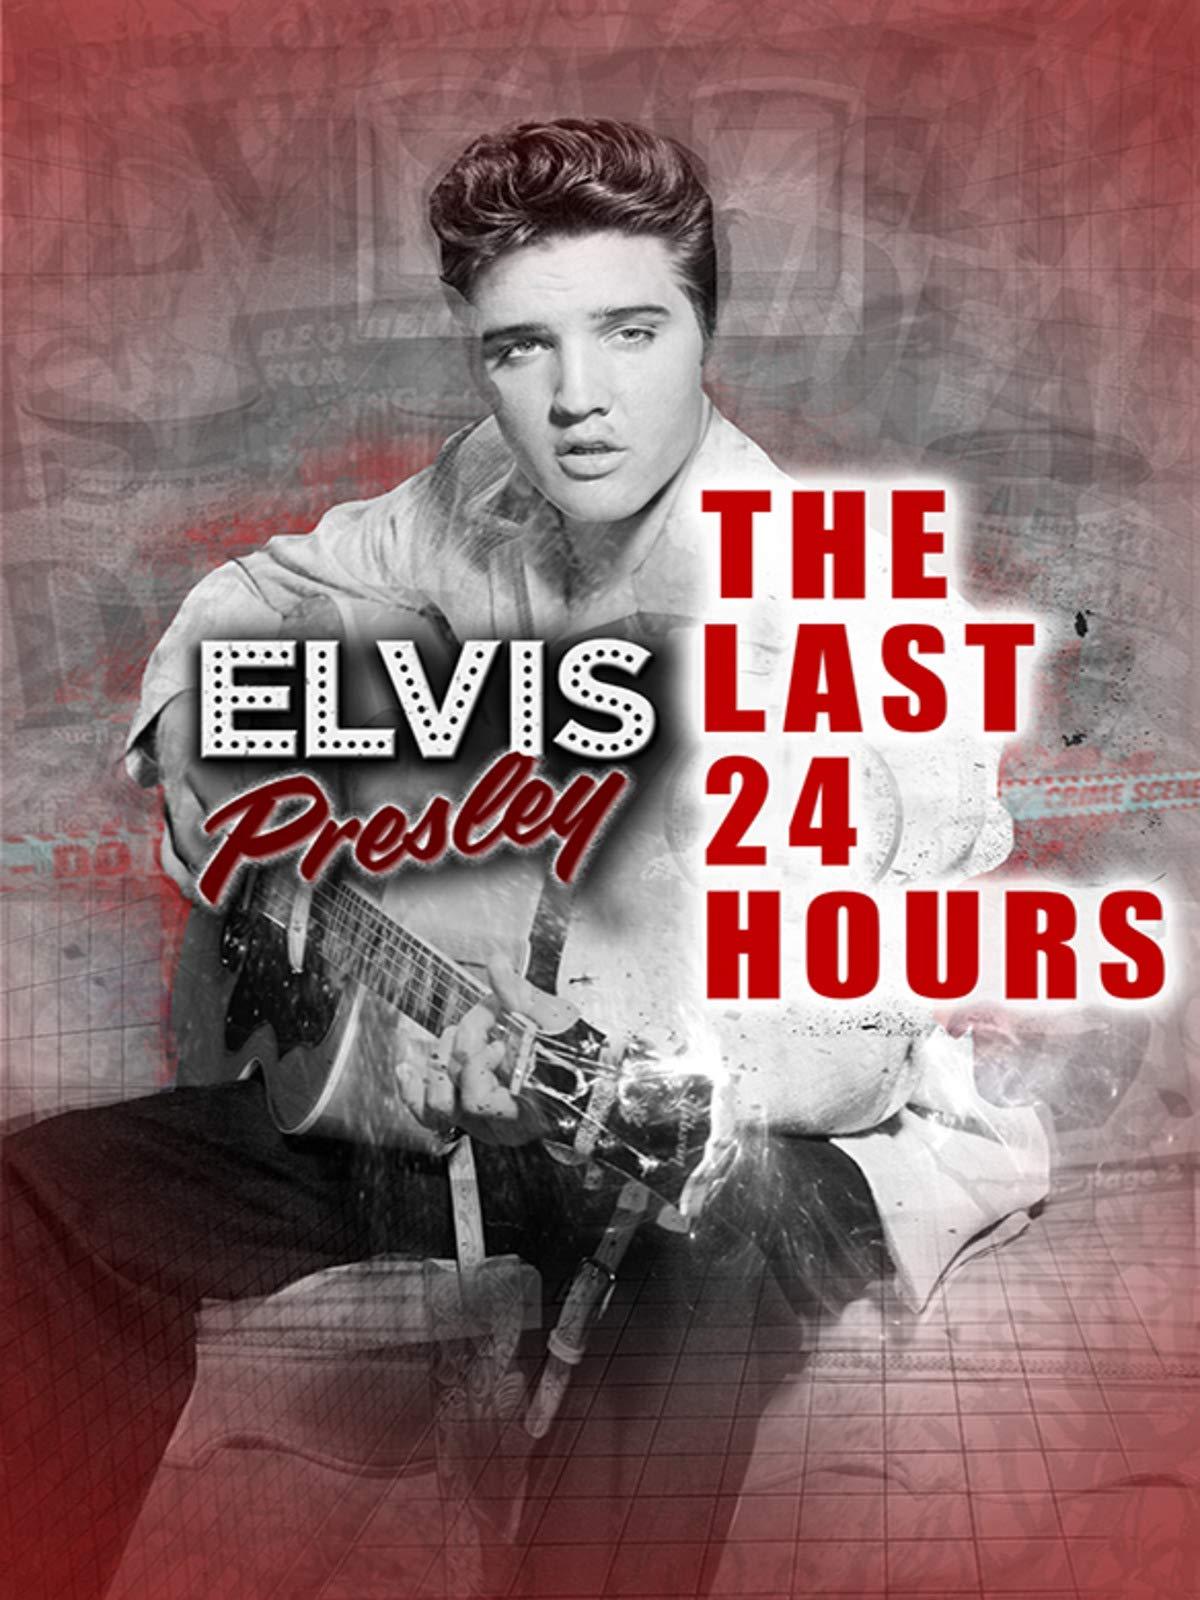 The Last 24 Hours: Elvis Presley